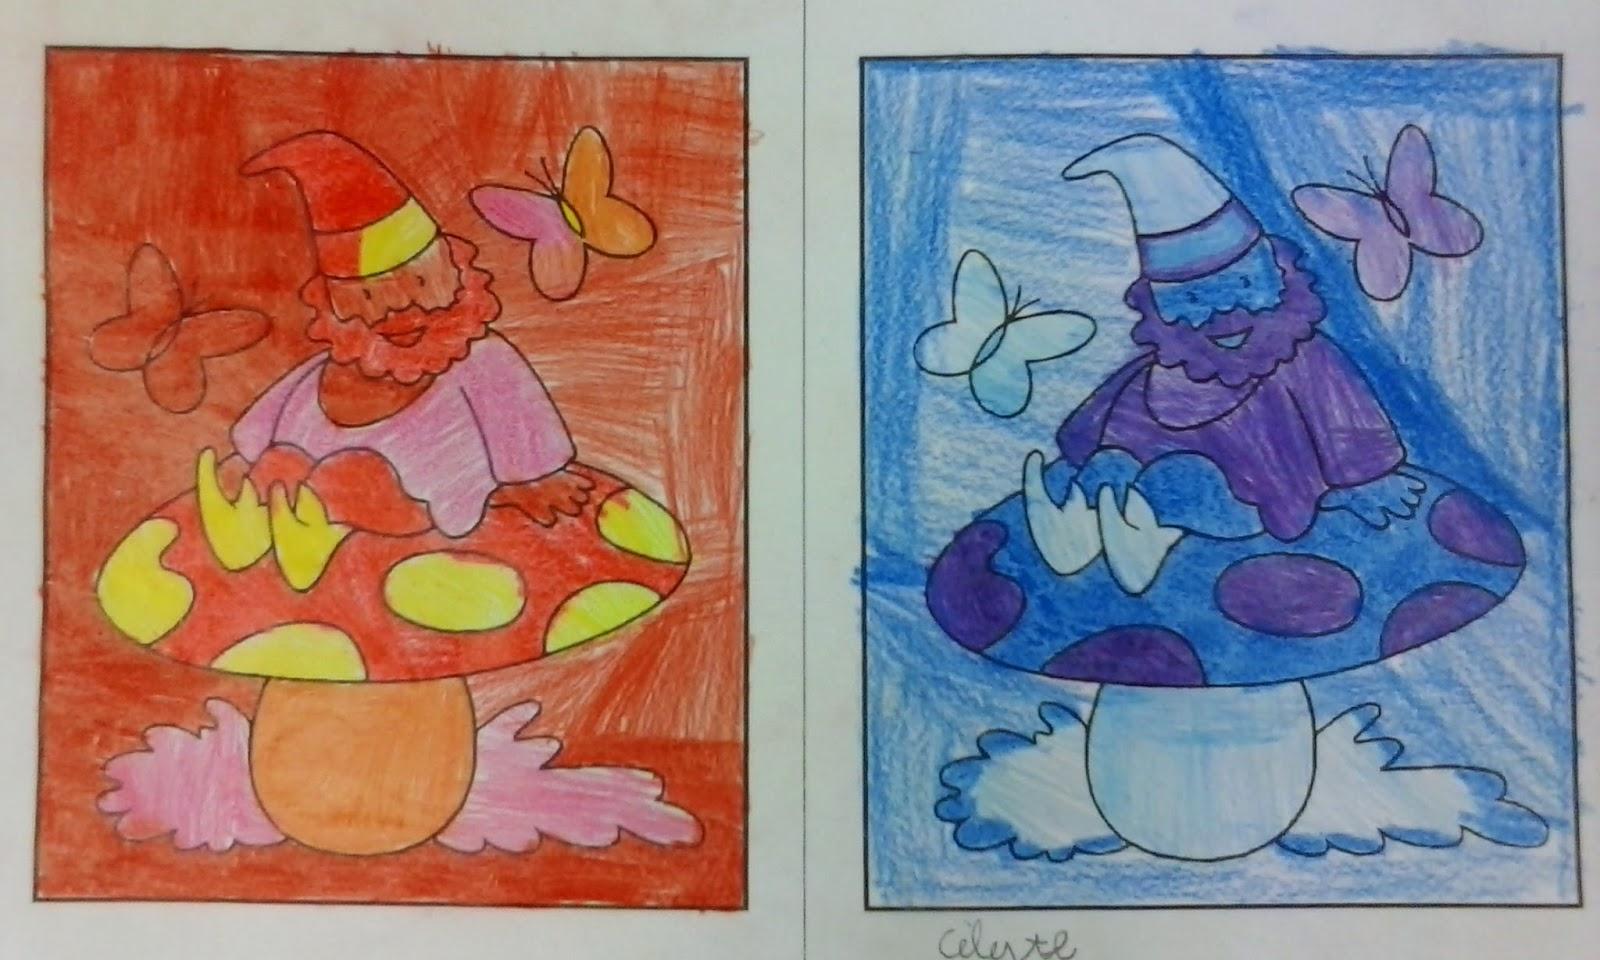 Nuevo Imagenes De Dibujos Con Colores Calidos